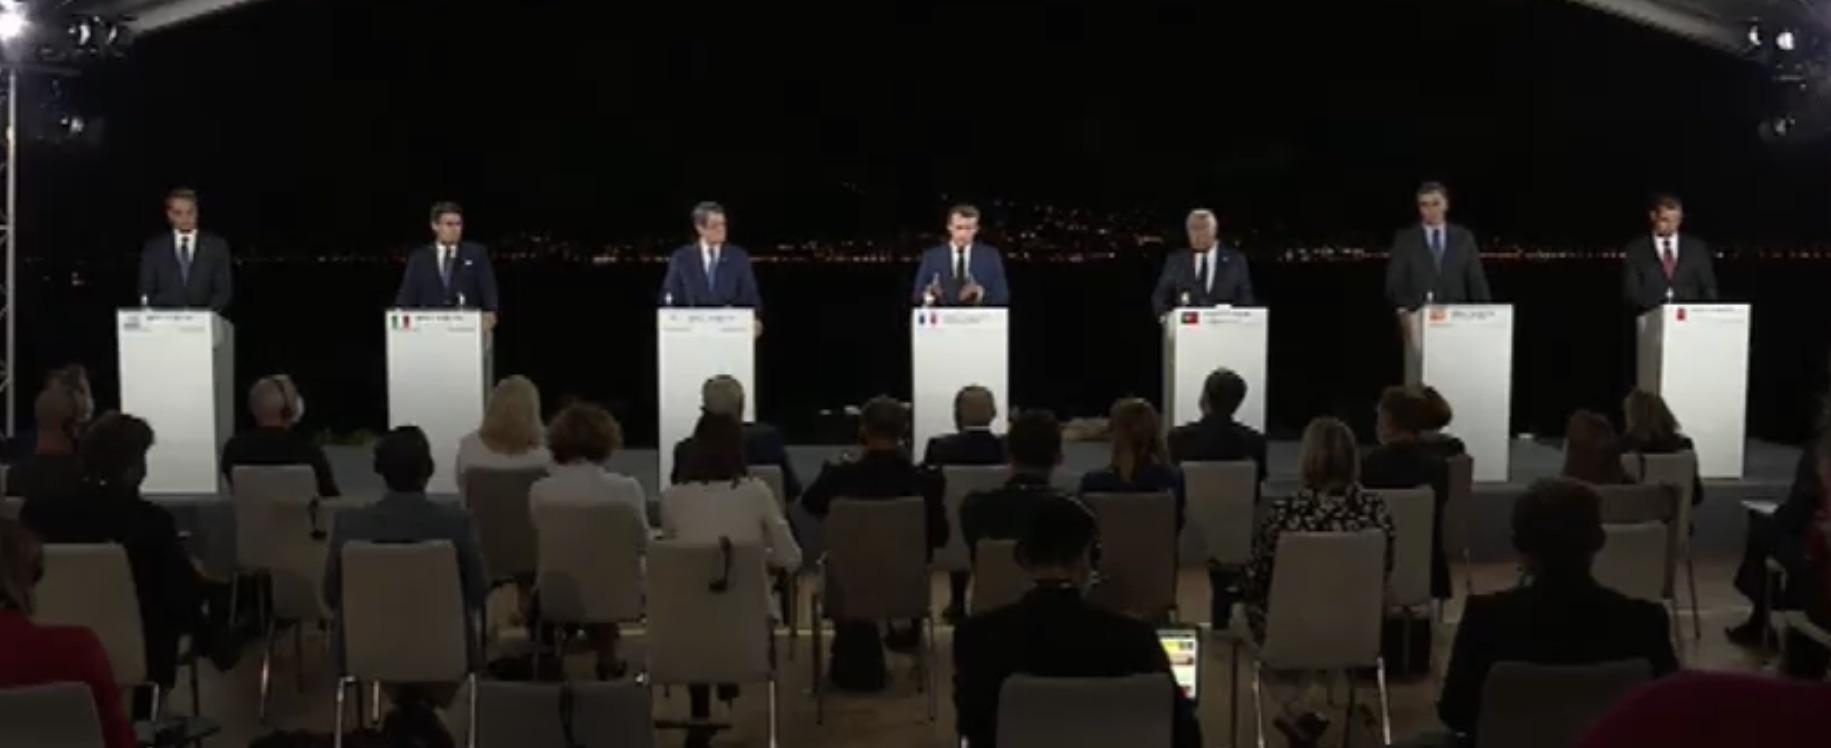 Οικοδεσπότης στην 8η Σύνοδο Κορυφής EUMED 9 ο Έλληνας Πρωθυπουργός